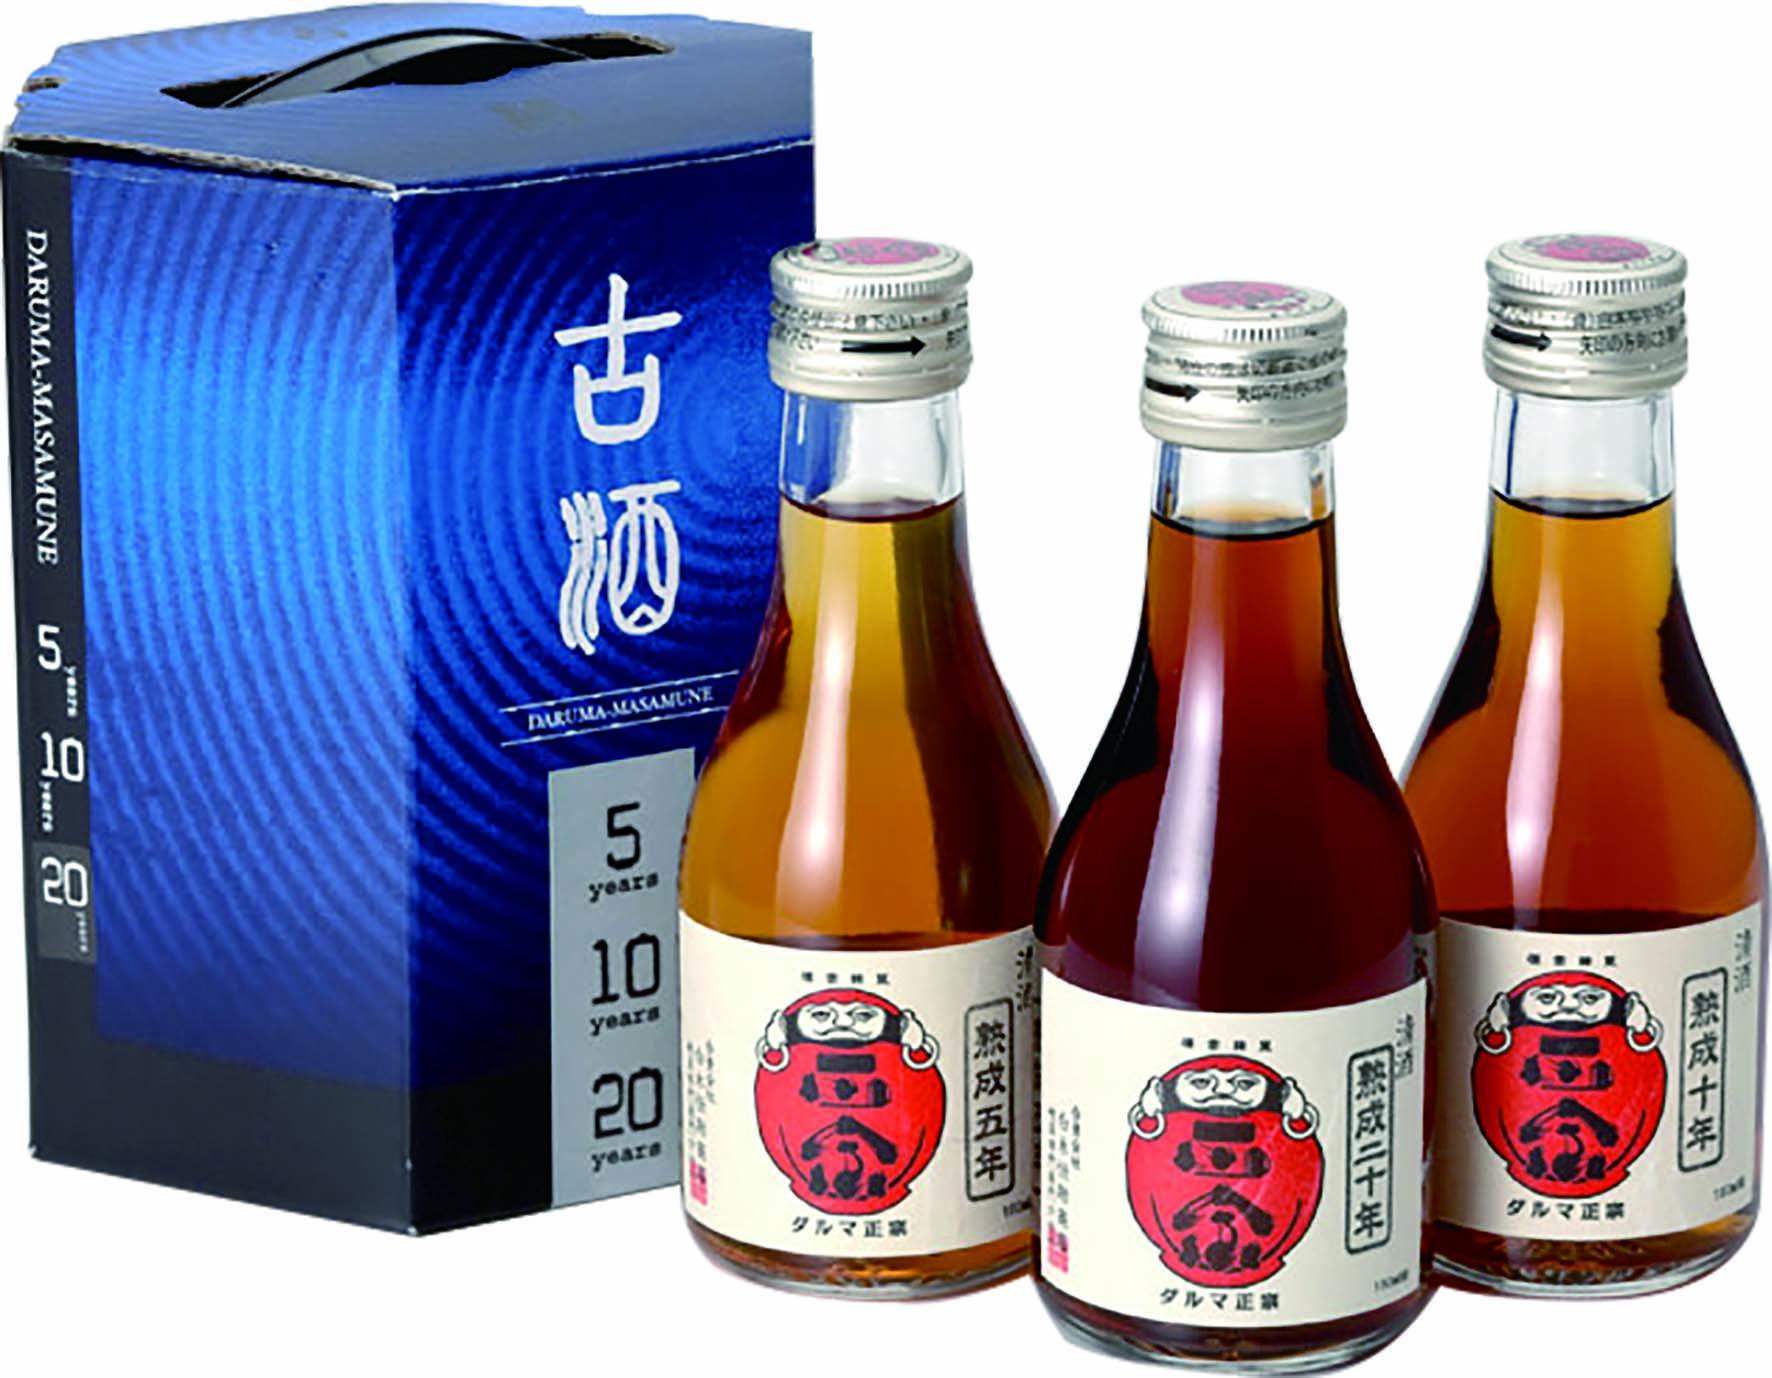 達磨正宗 飲みくらべ月セット 日本酒・熟成古酒